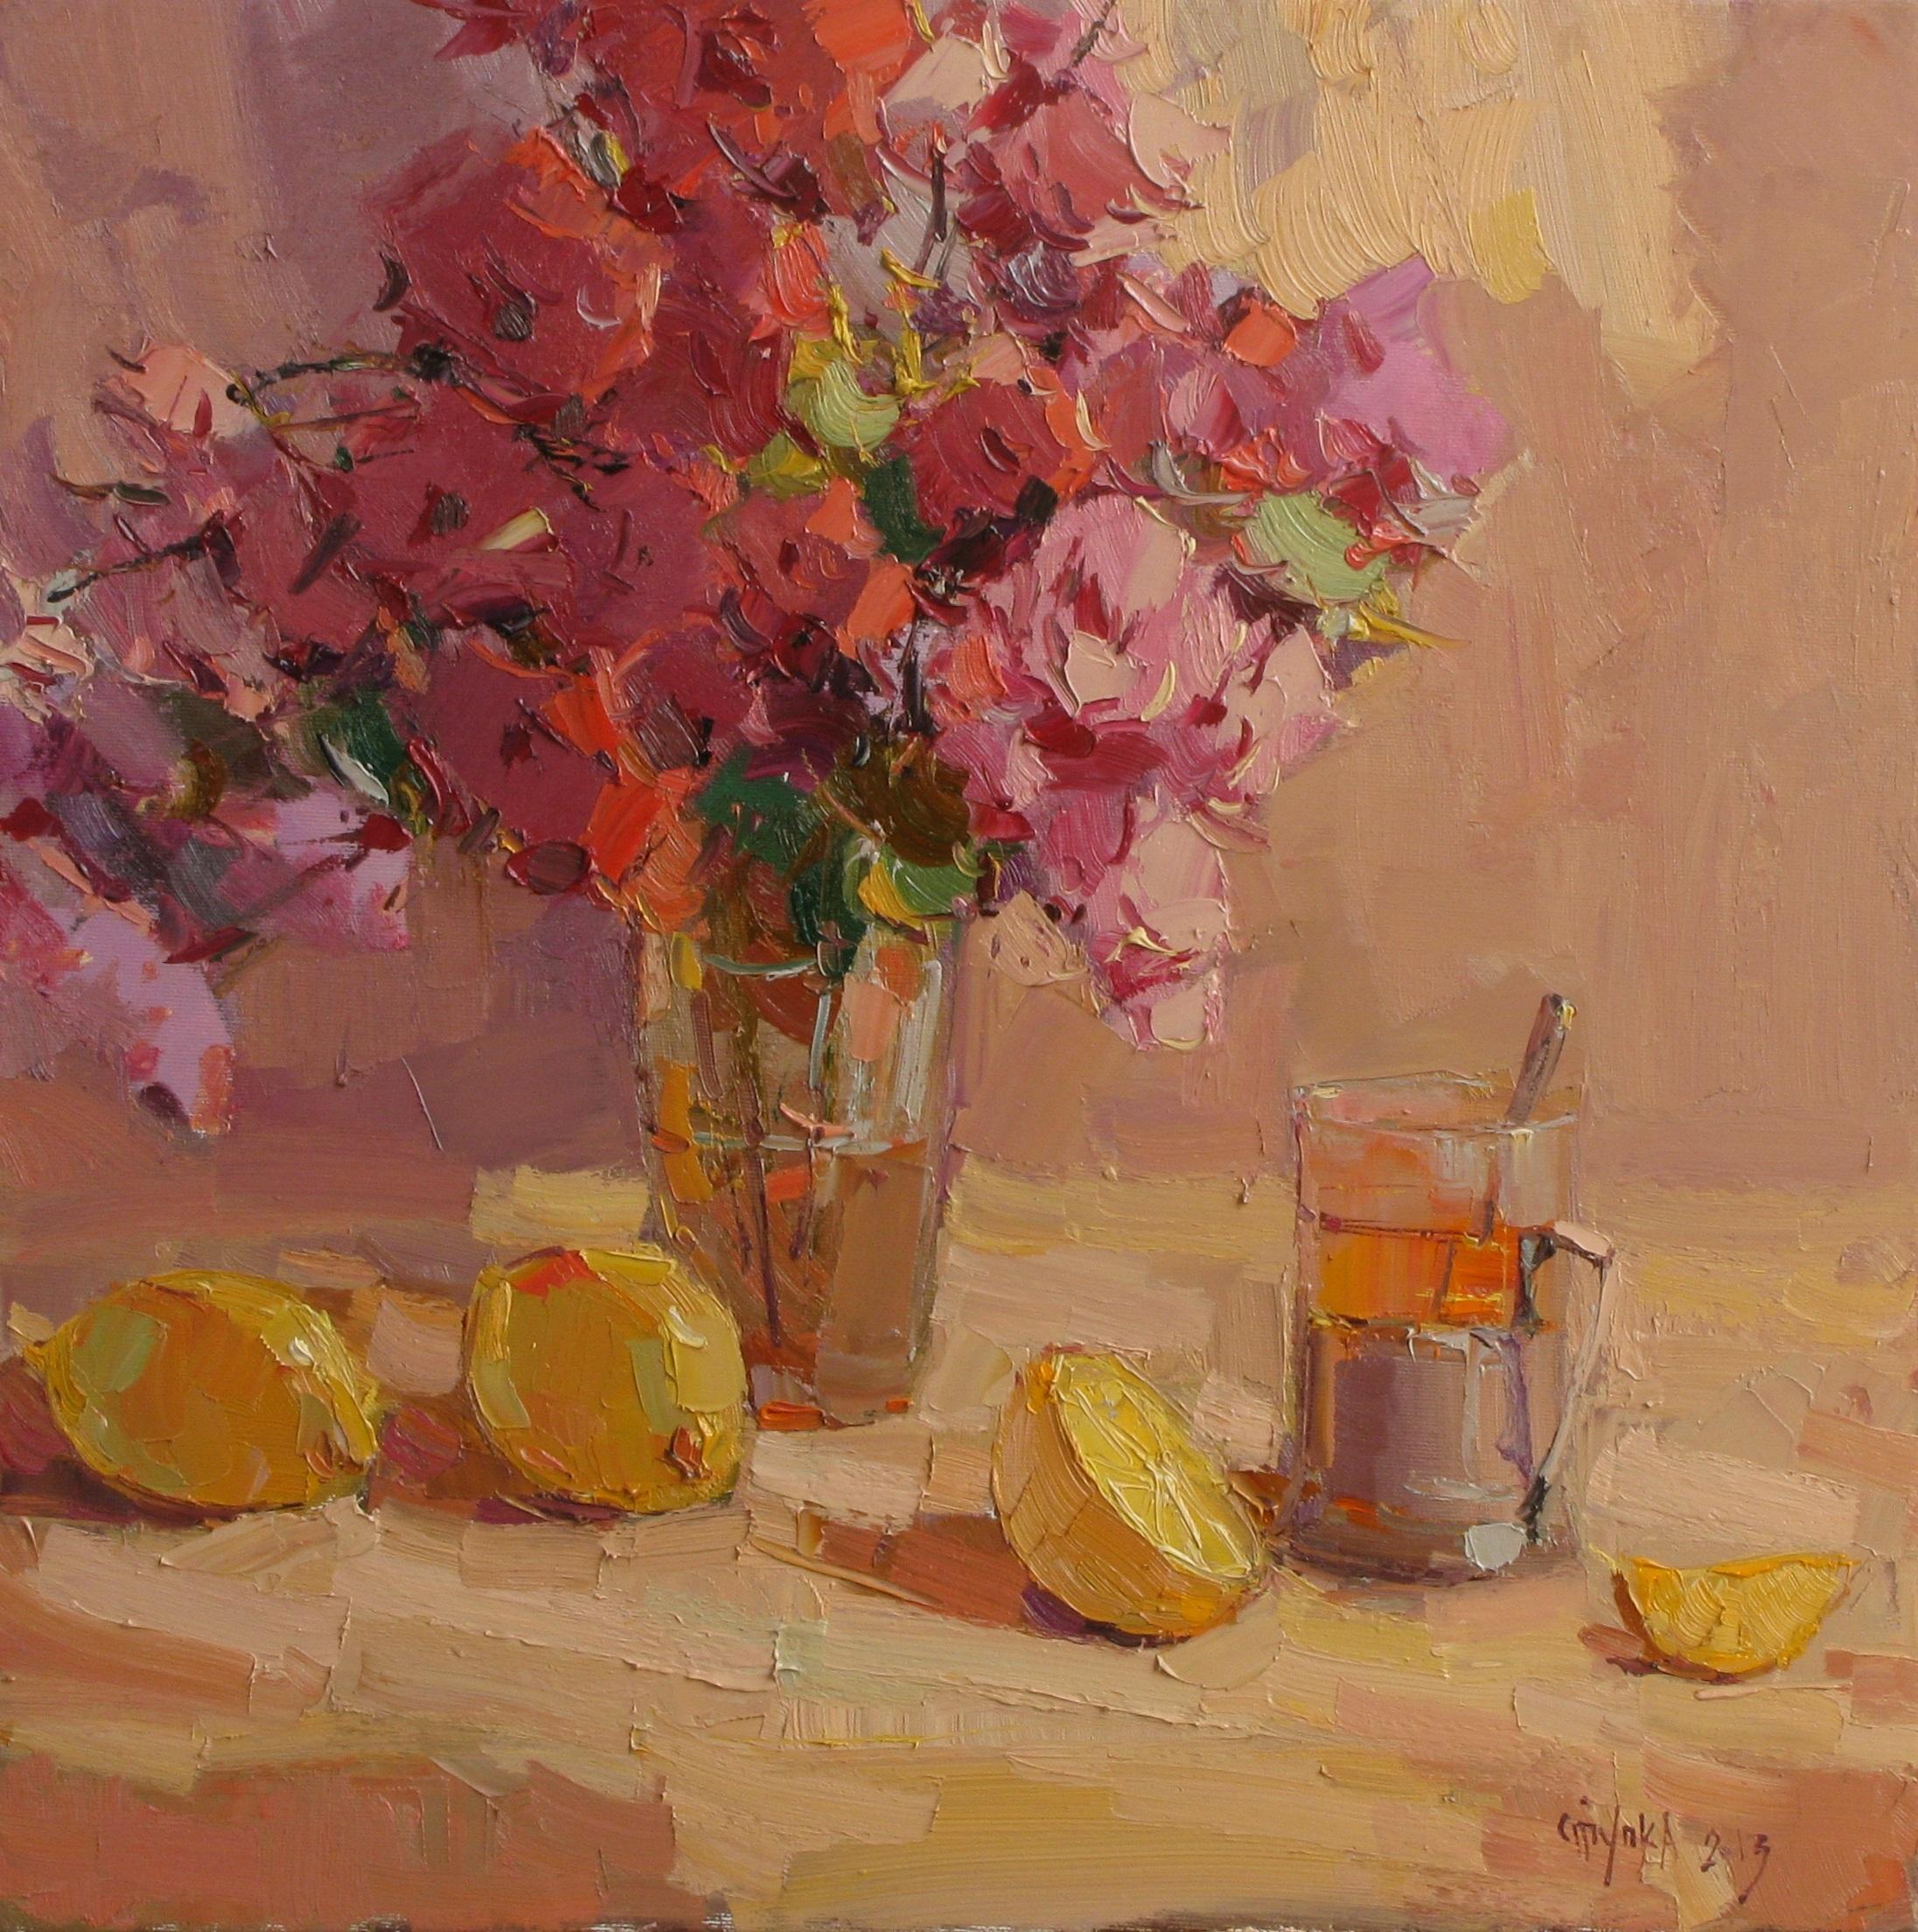 ранковий чай з лимоном